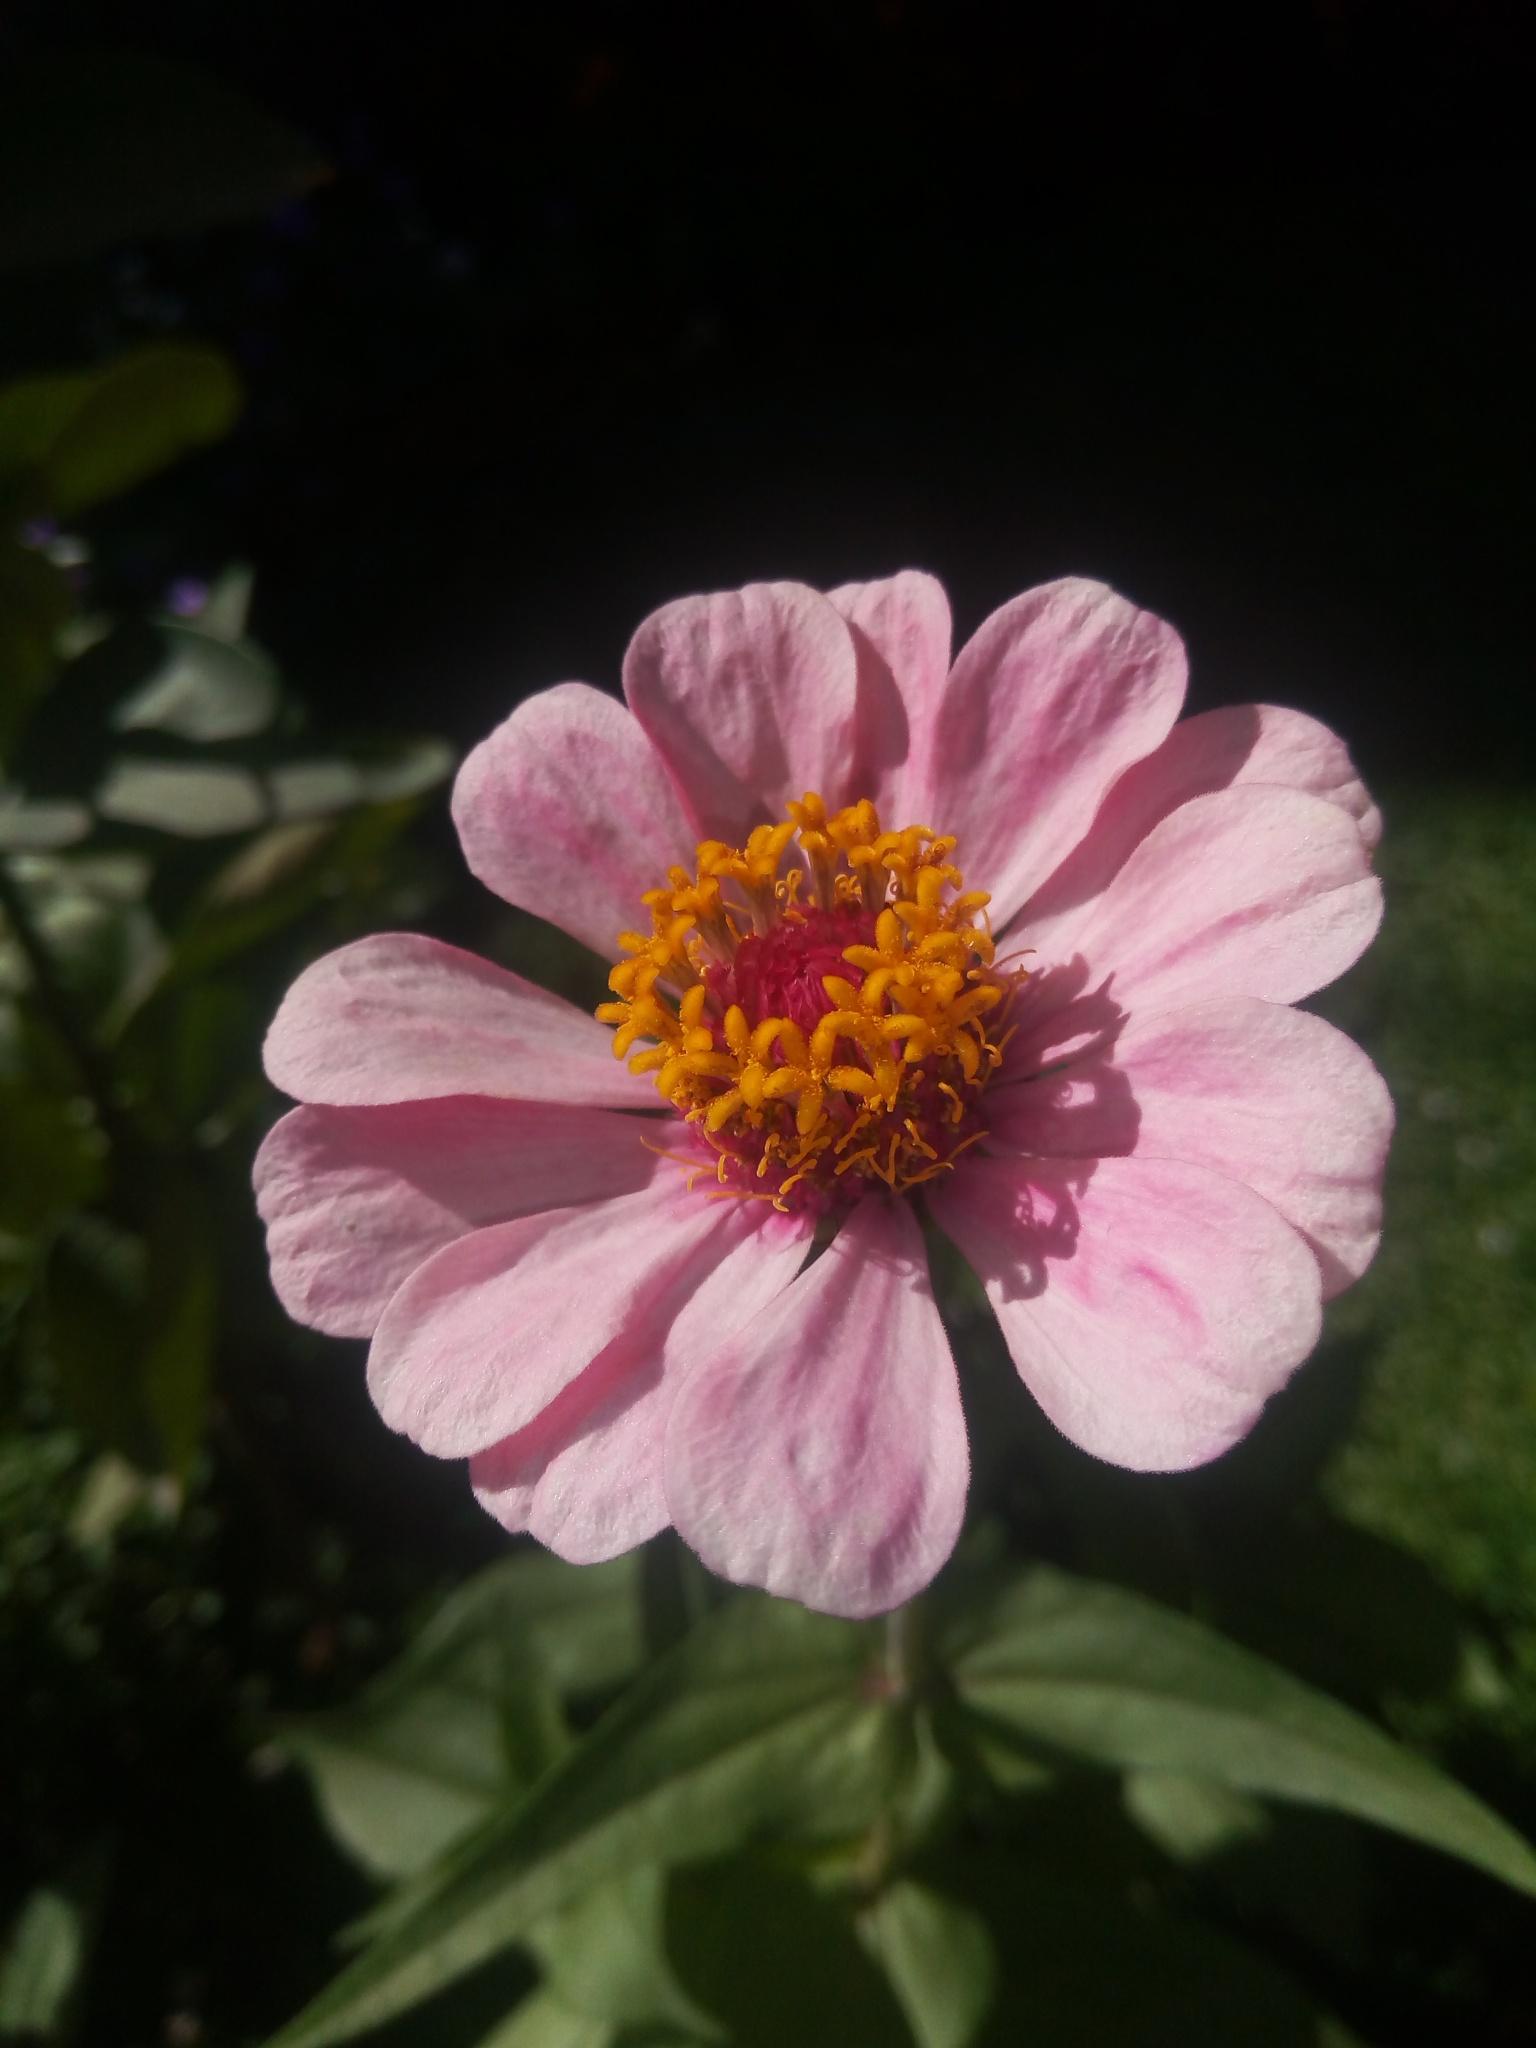 flower by Bahjat Ali